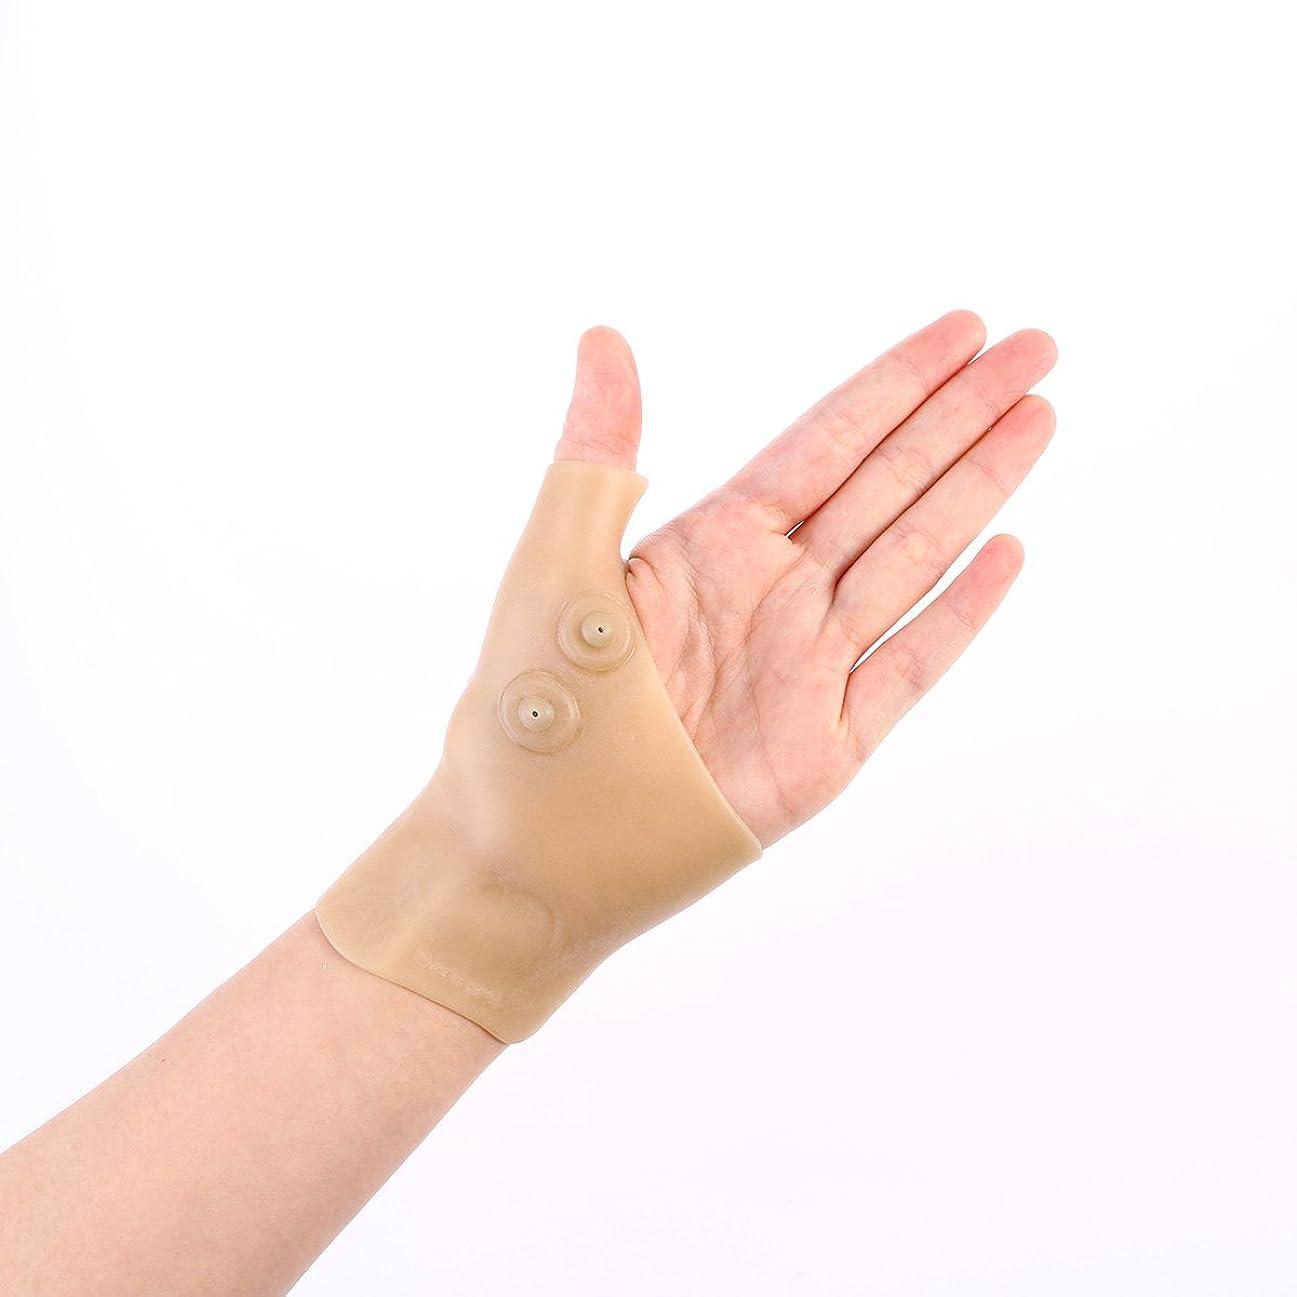 シュリンク読みやすい弱まるHealifty 首サポートブレース シリコンゲル 腱鞘炎 バネ指 手首の親指の痛みを和らげる 2個